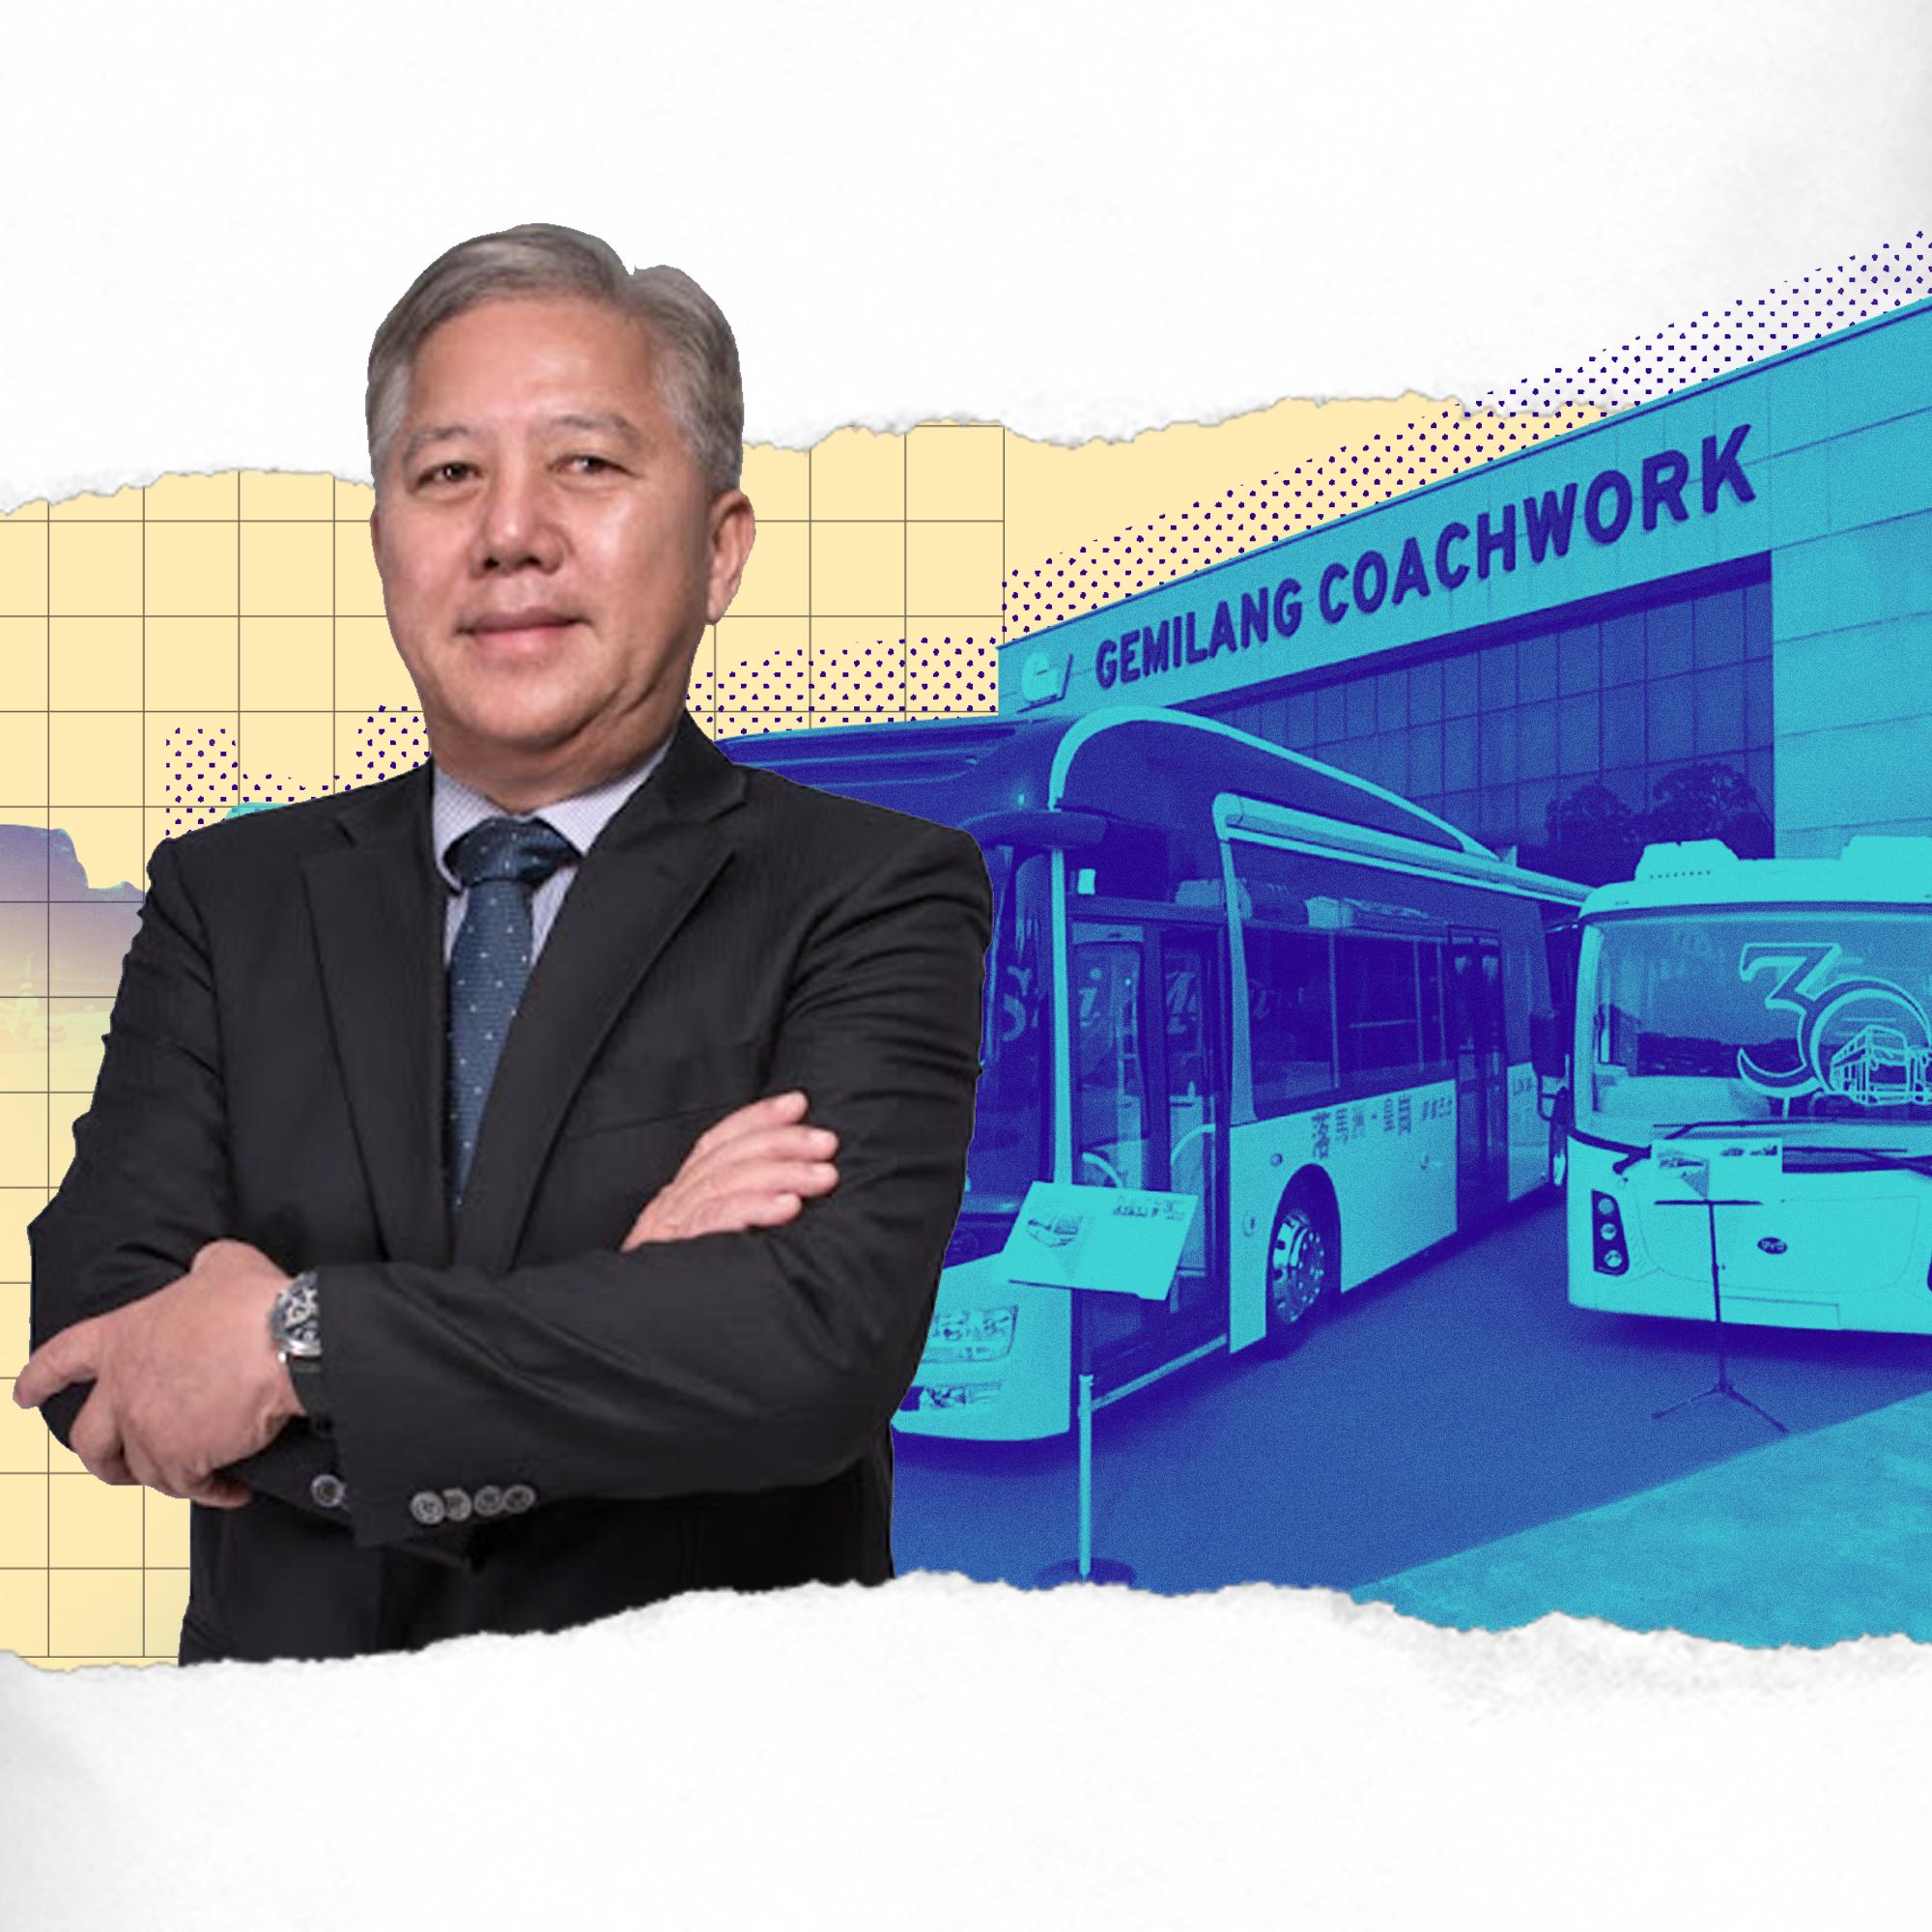 彭顺国际的电动巴士开出了一条绿色车道